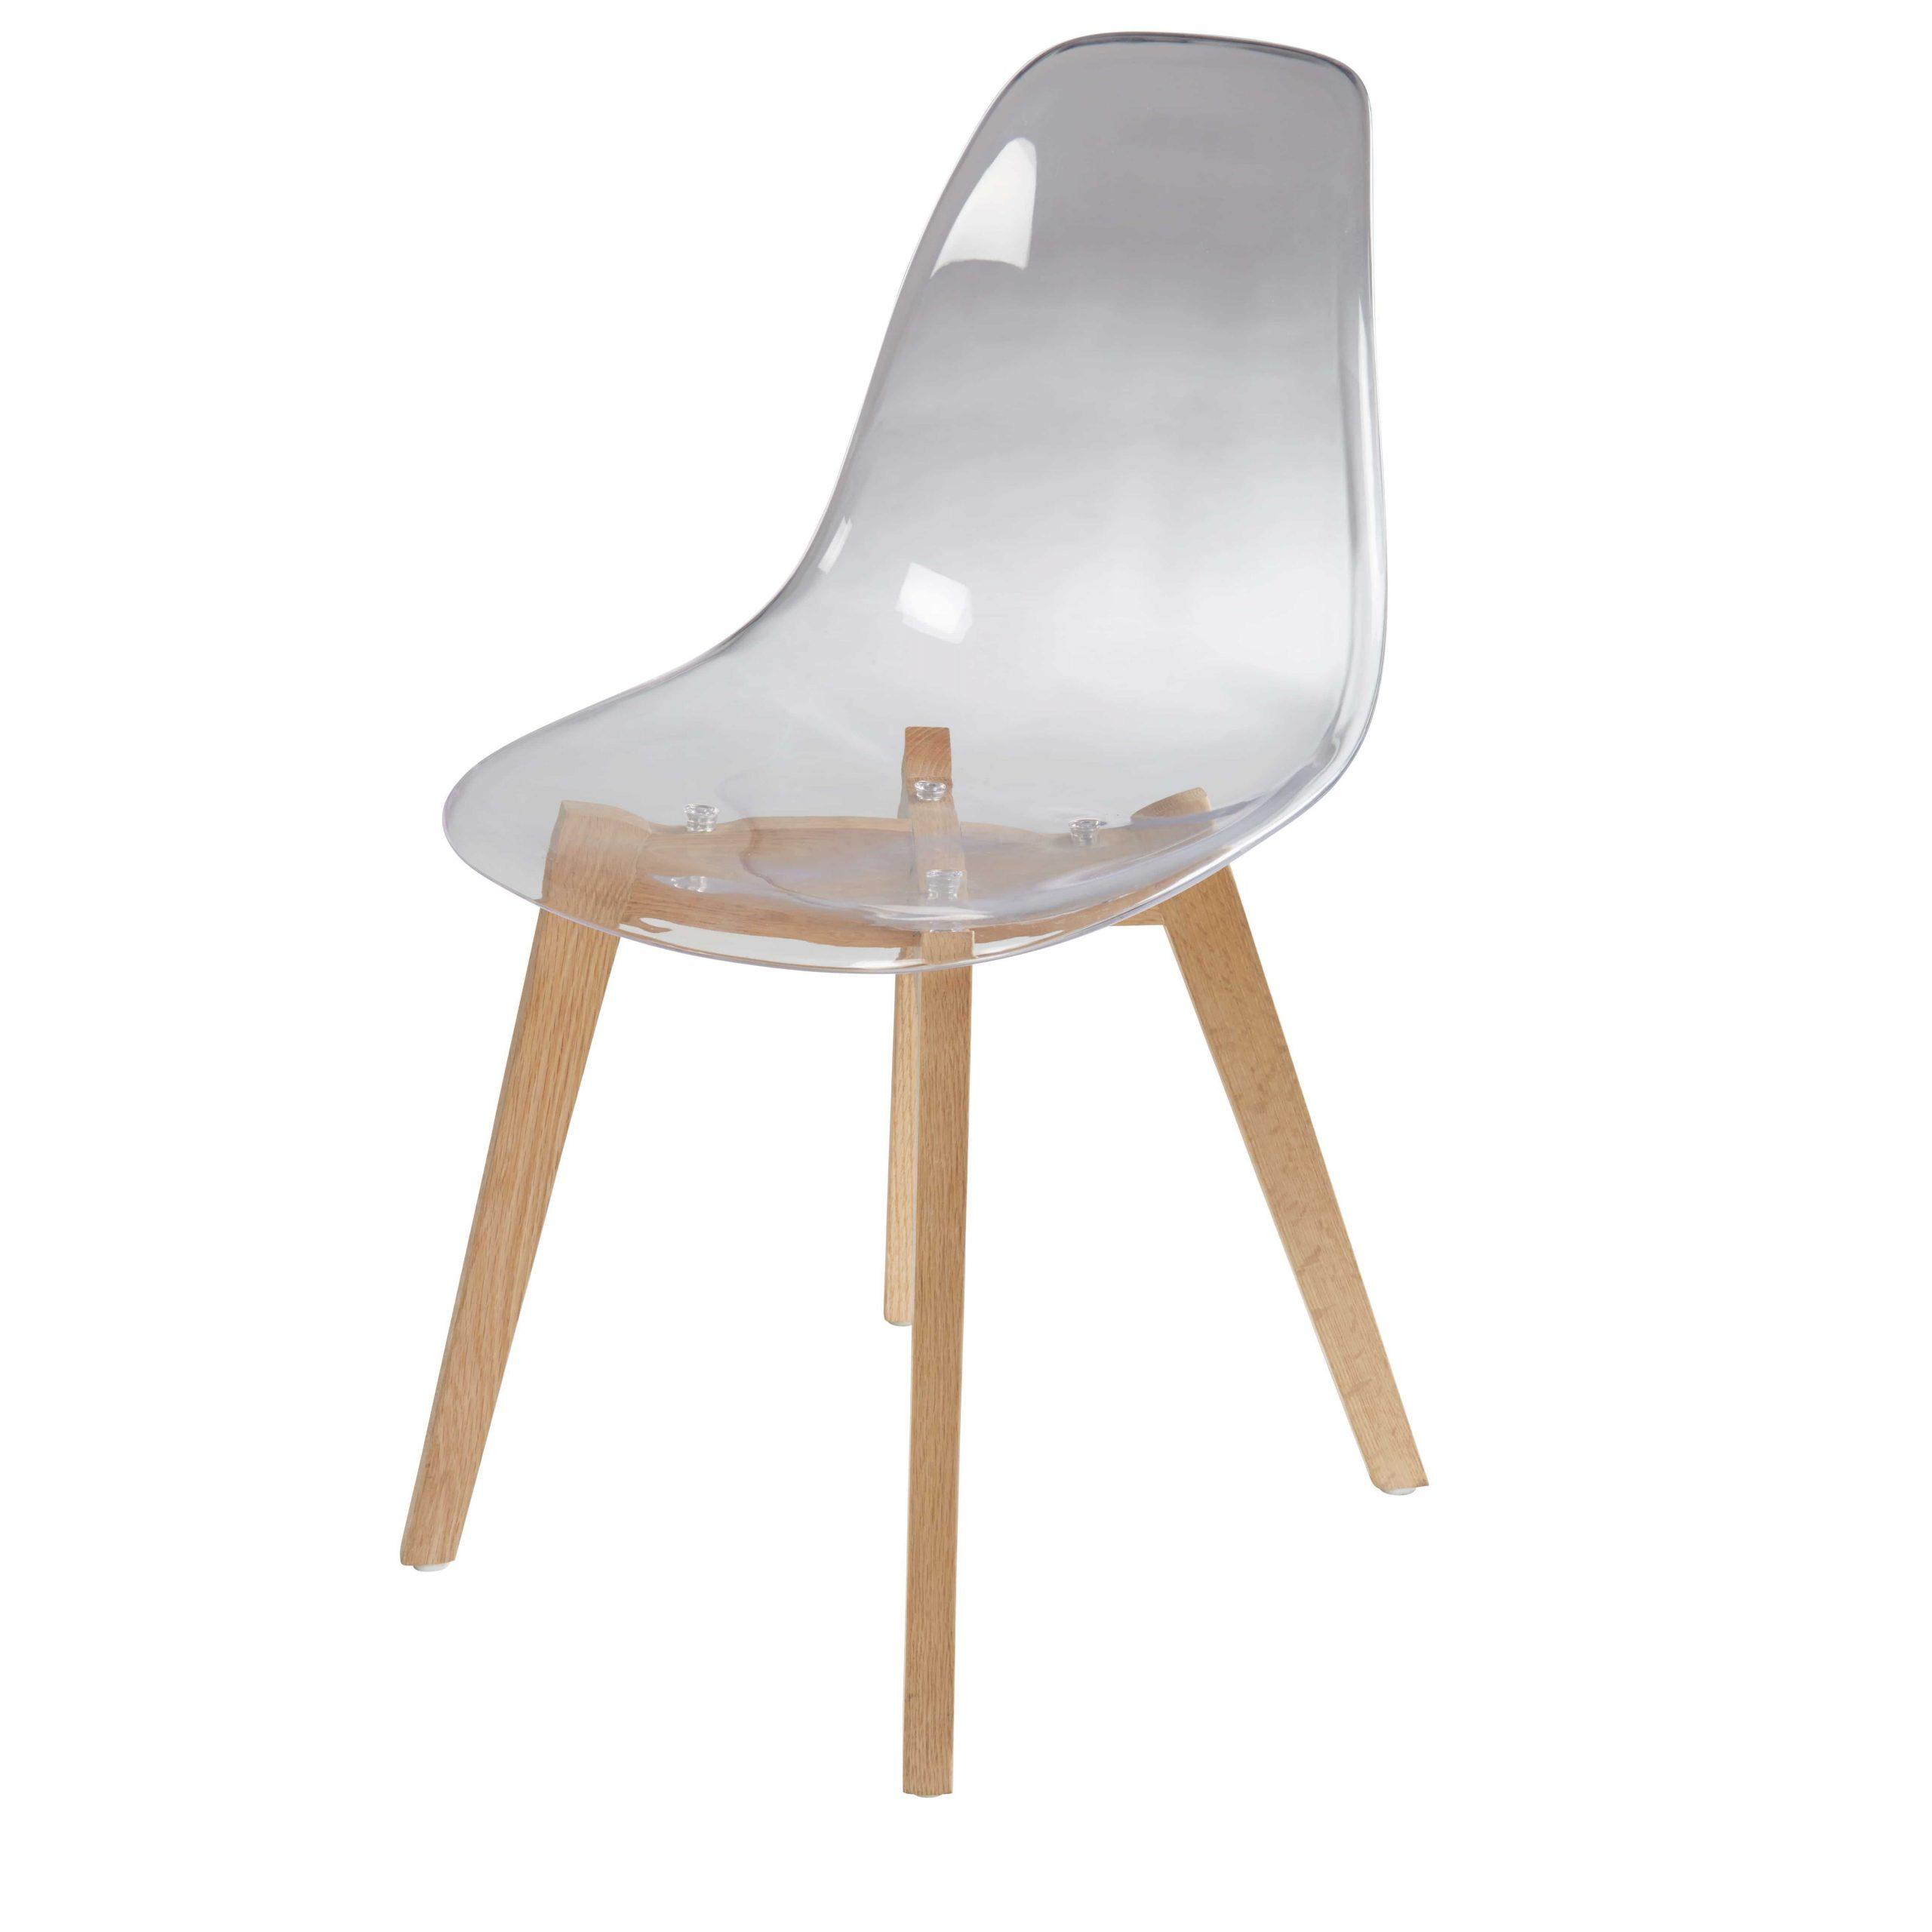 Chaise Transparente Et Chêne Ice | Chaise Style Scandinave intérieur Chaises Transparentes Castorama